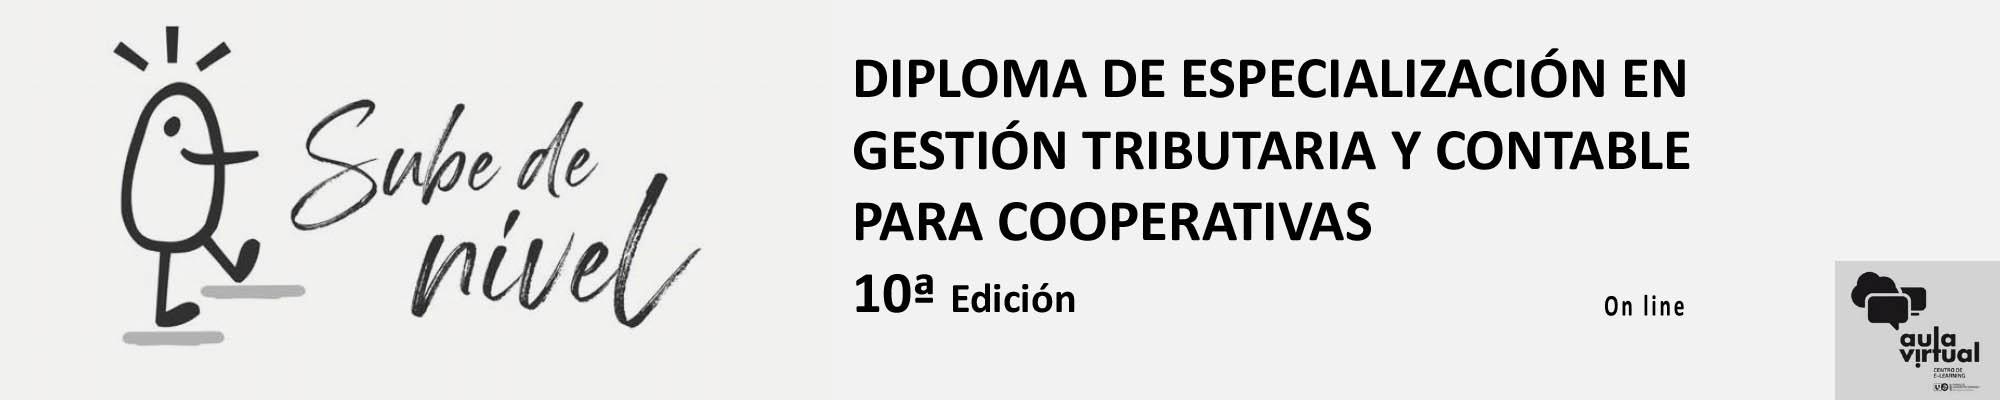 Diploma de Especialización Gestión Tributaria y Contable para Cooperativas.